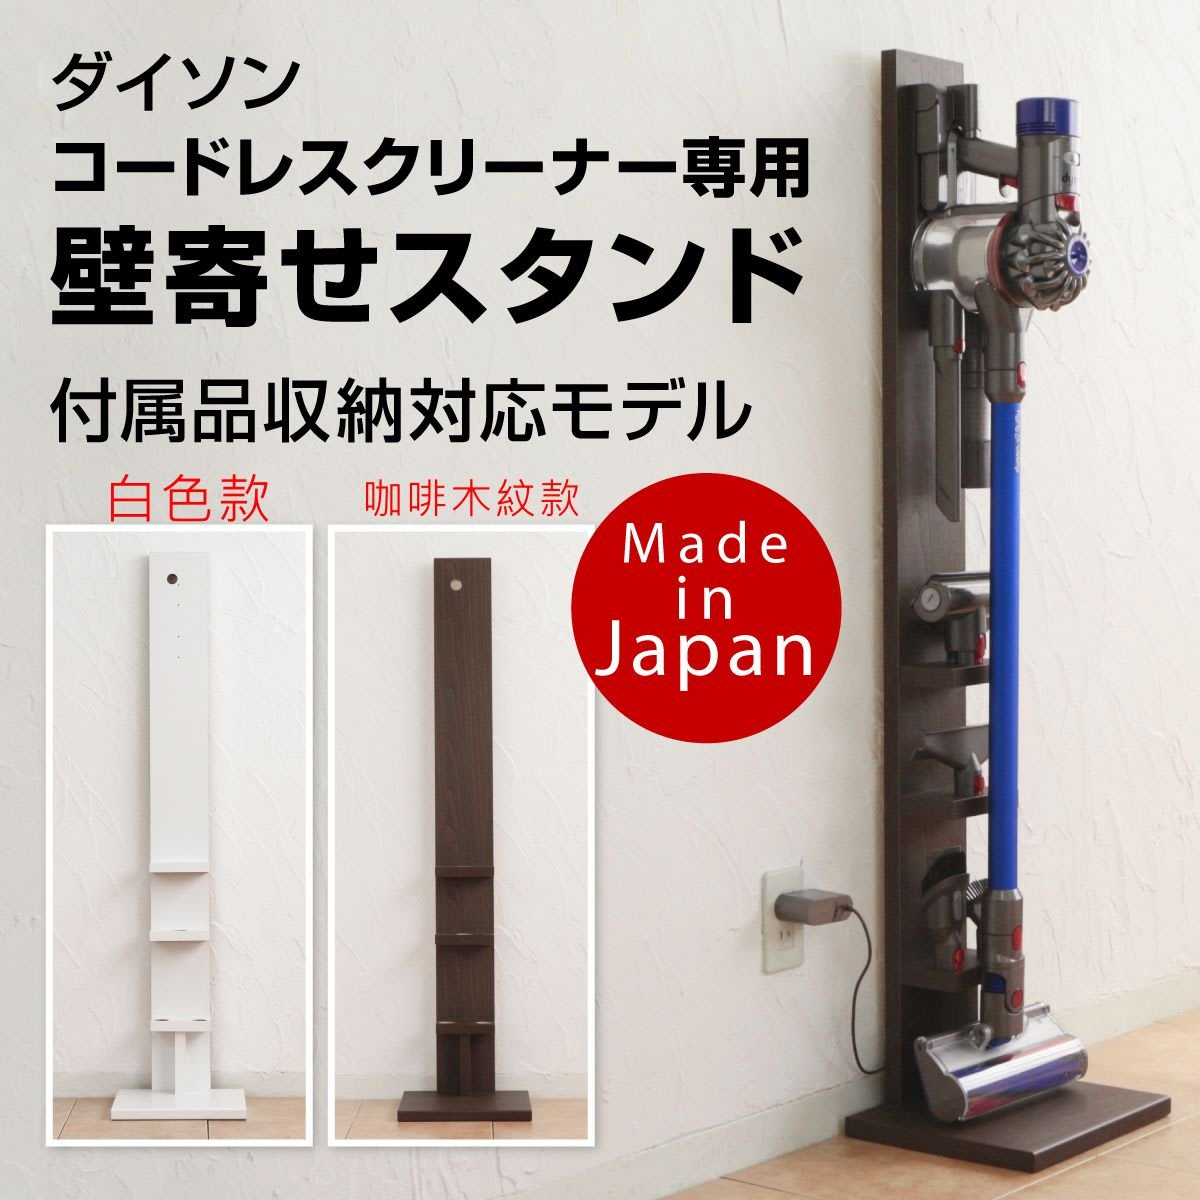 木紋色**日本製**DYSON無線吸塵器落地壁掛架(2017吸款有吸頭收納) 免鑽孔